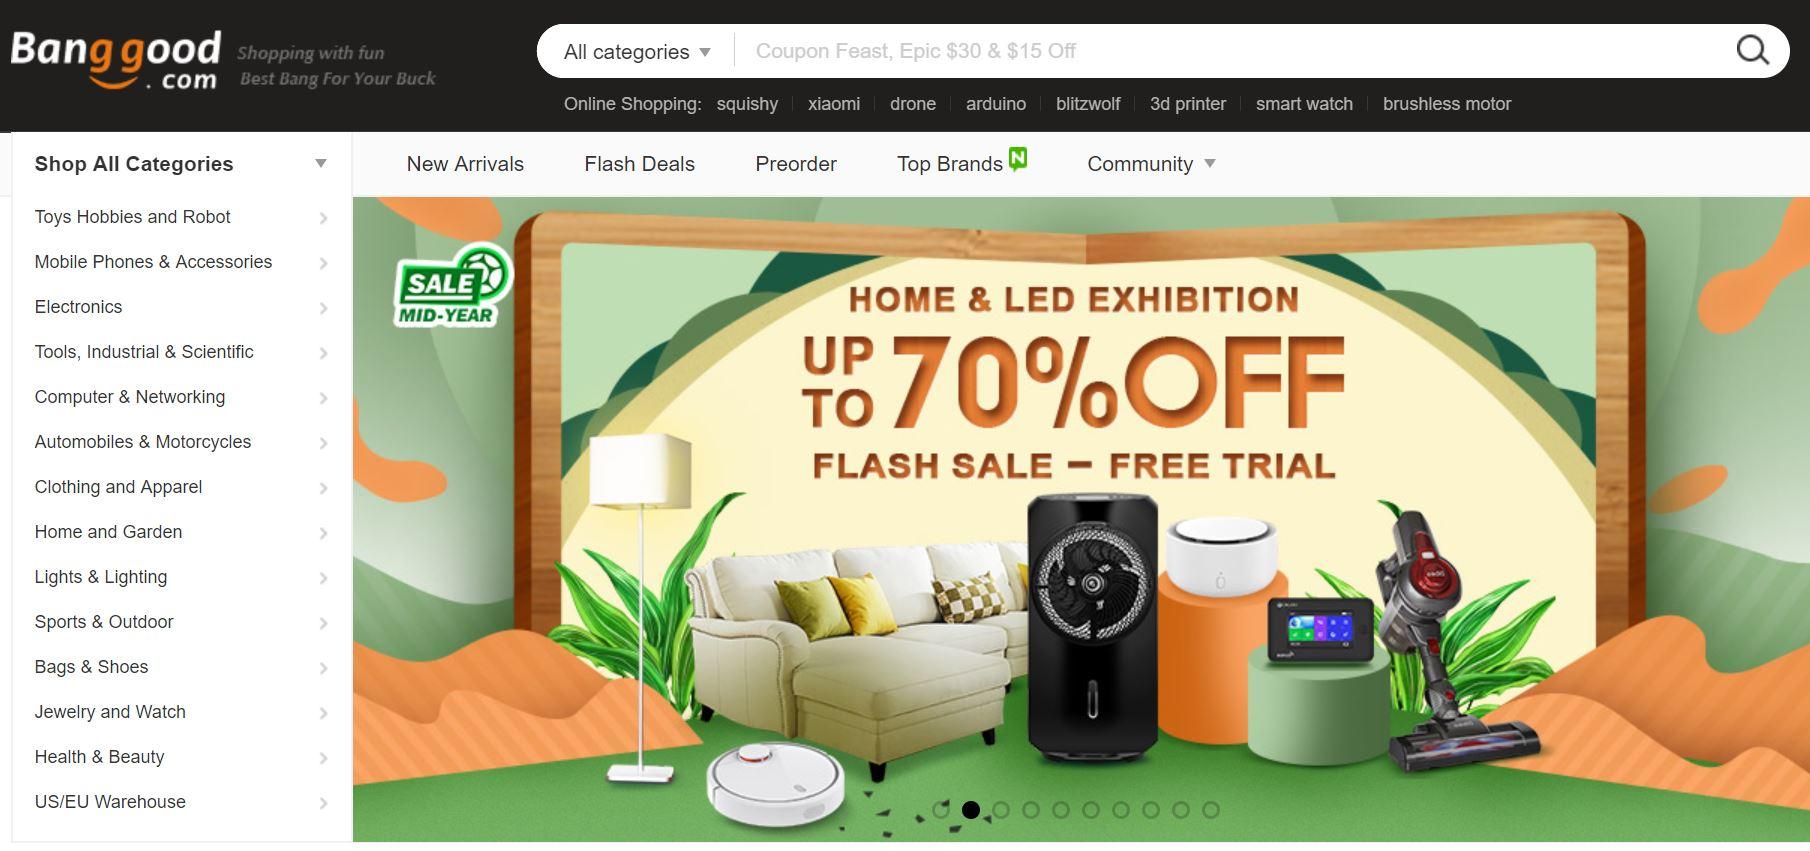 onlineshop erfahrungen und bewertung 2018. Black Bedroom Furniture Sets. Home Design Ideas